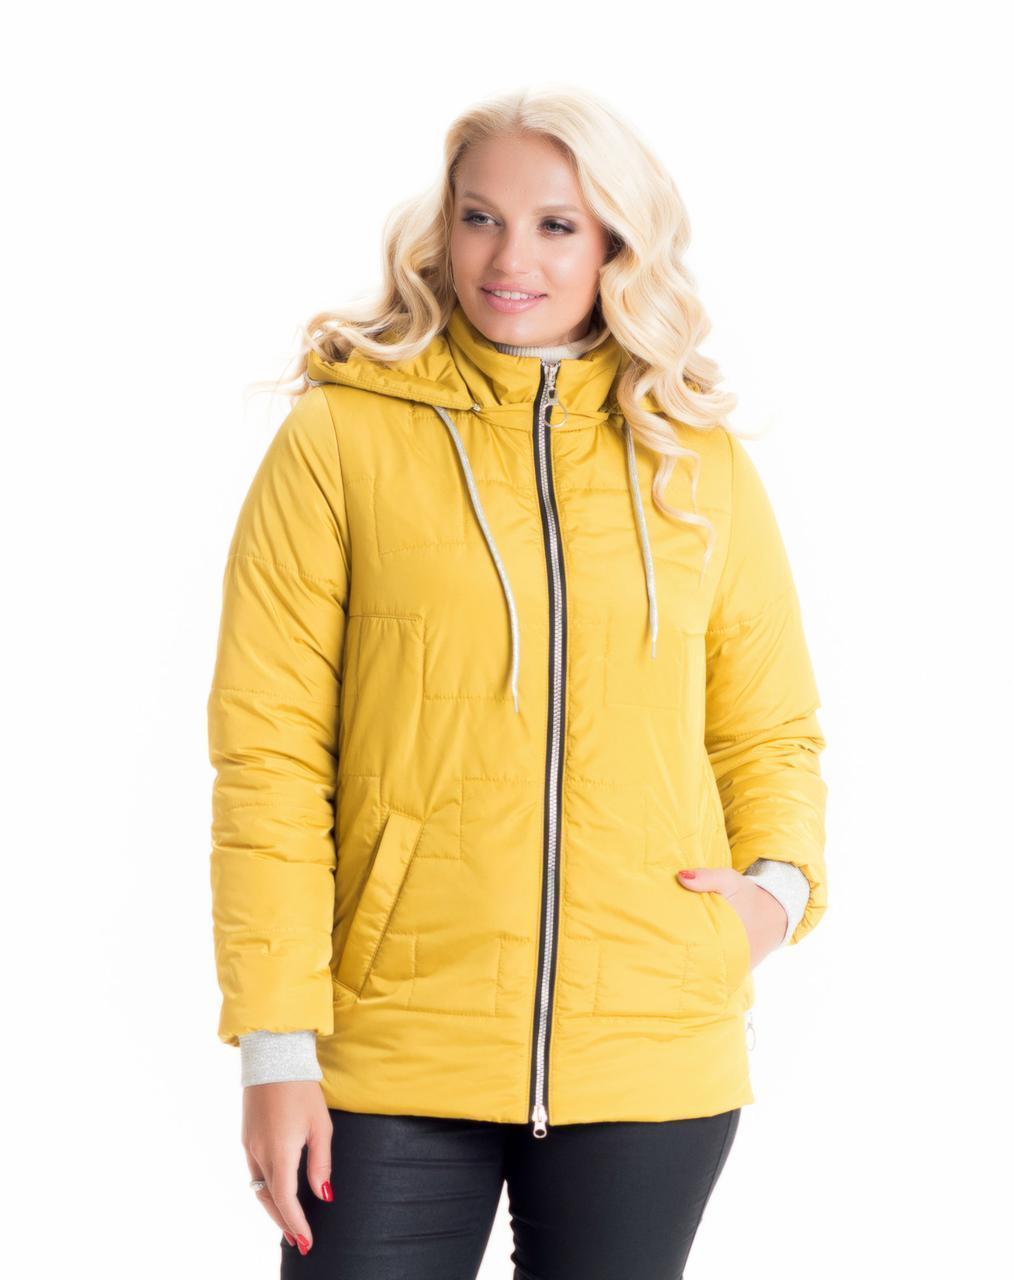 Модна жіноча демісезонна куртка 44-58 пісочний